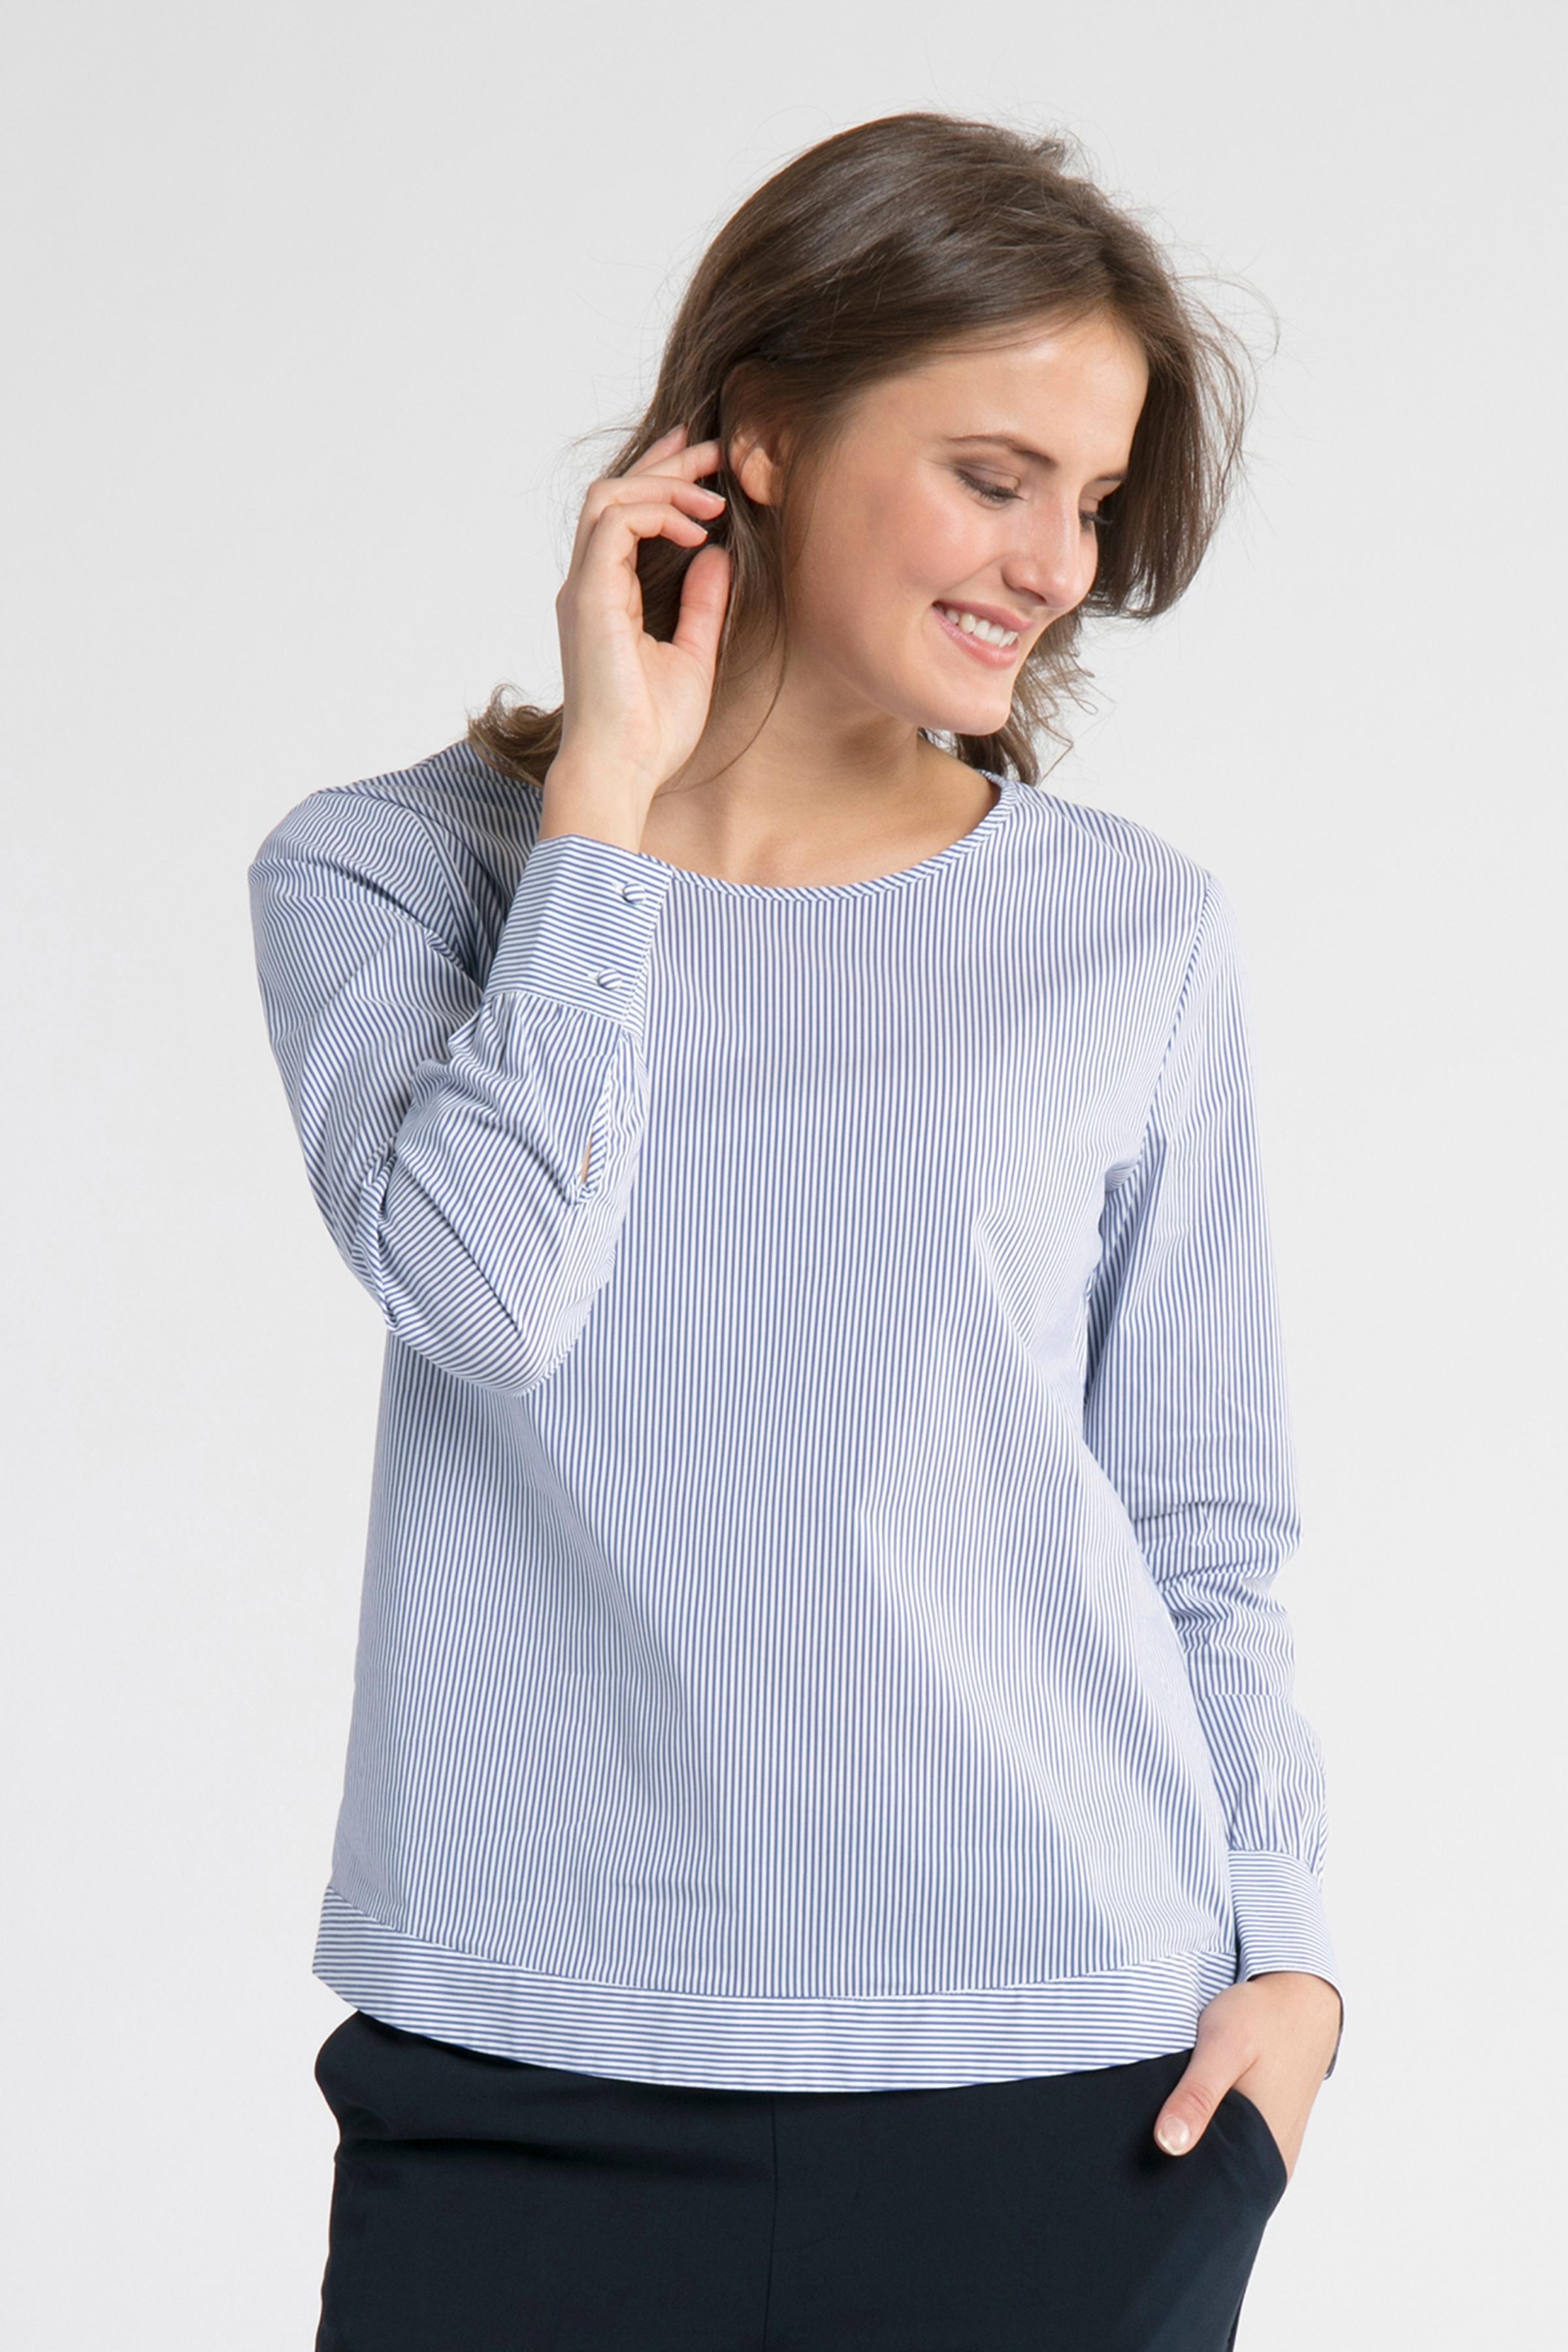 Blau/weiß Langarm-Bluse von Denim Hunter – Shoppen Sie Blau/weiß Langarm-Bluse ab Gr. 34-46 hier